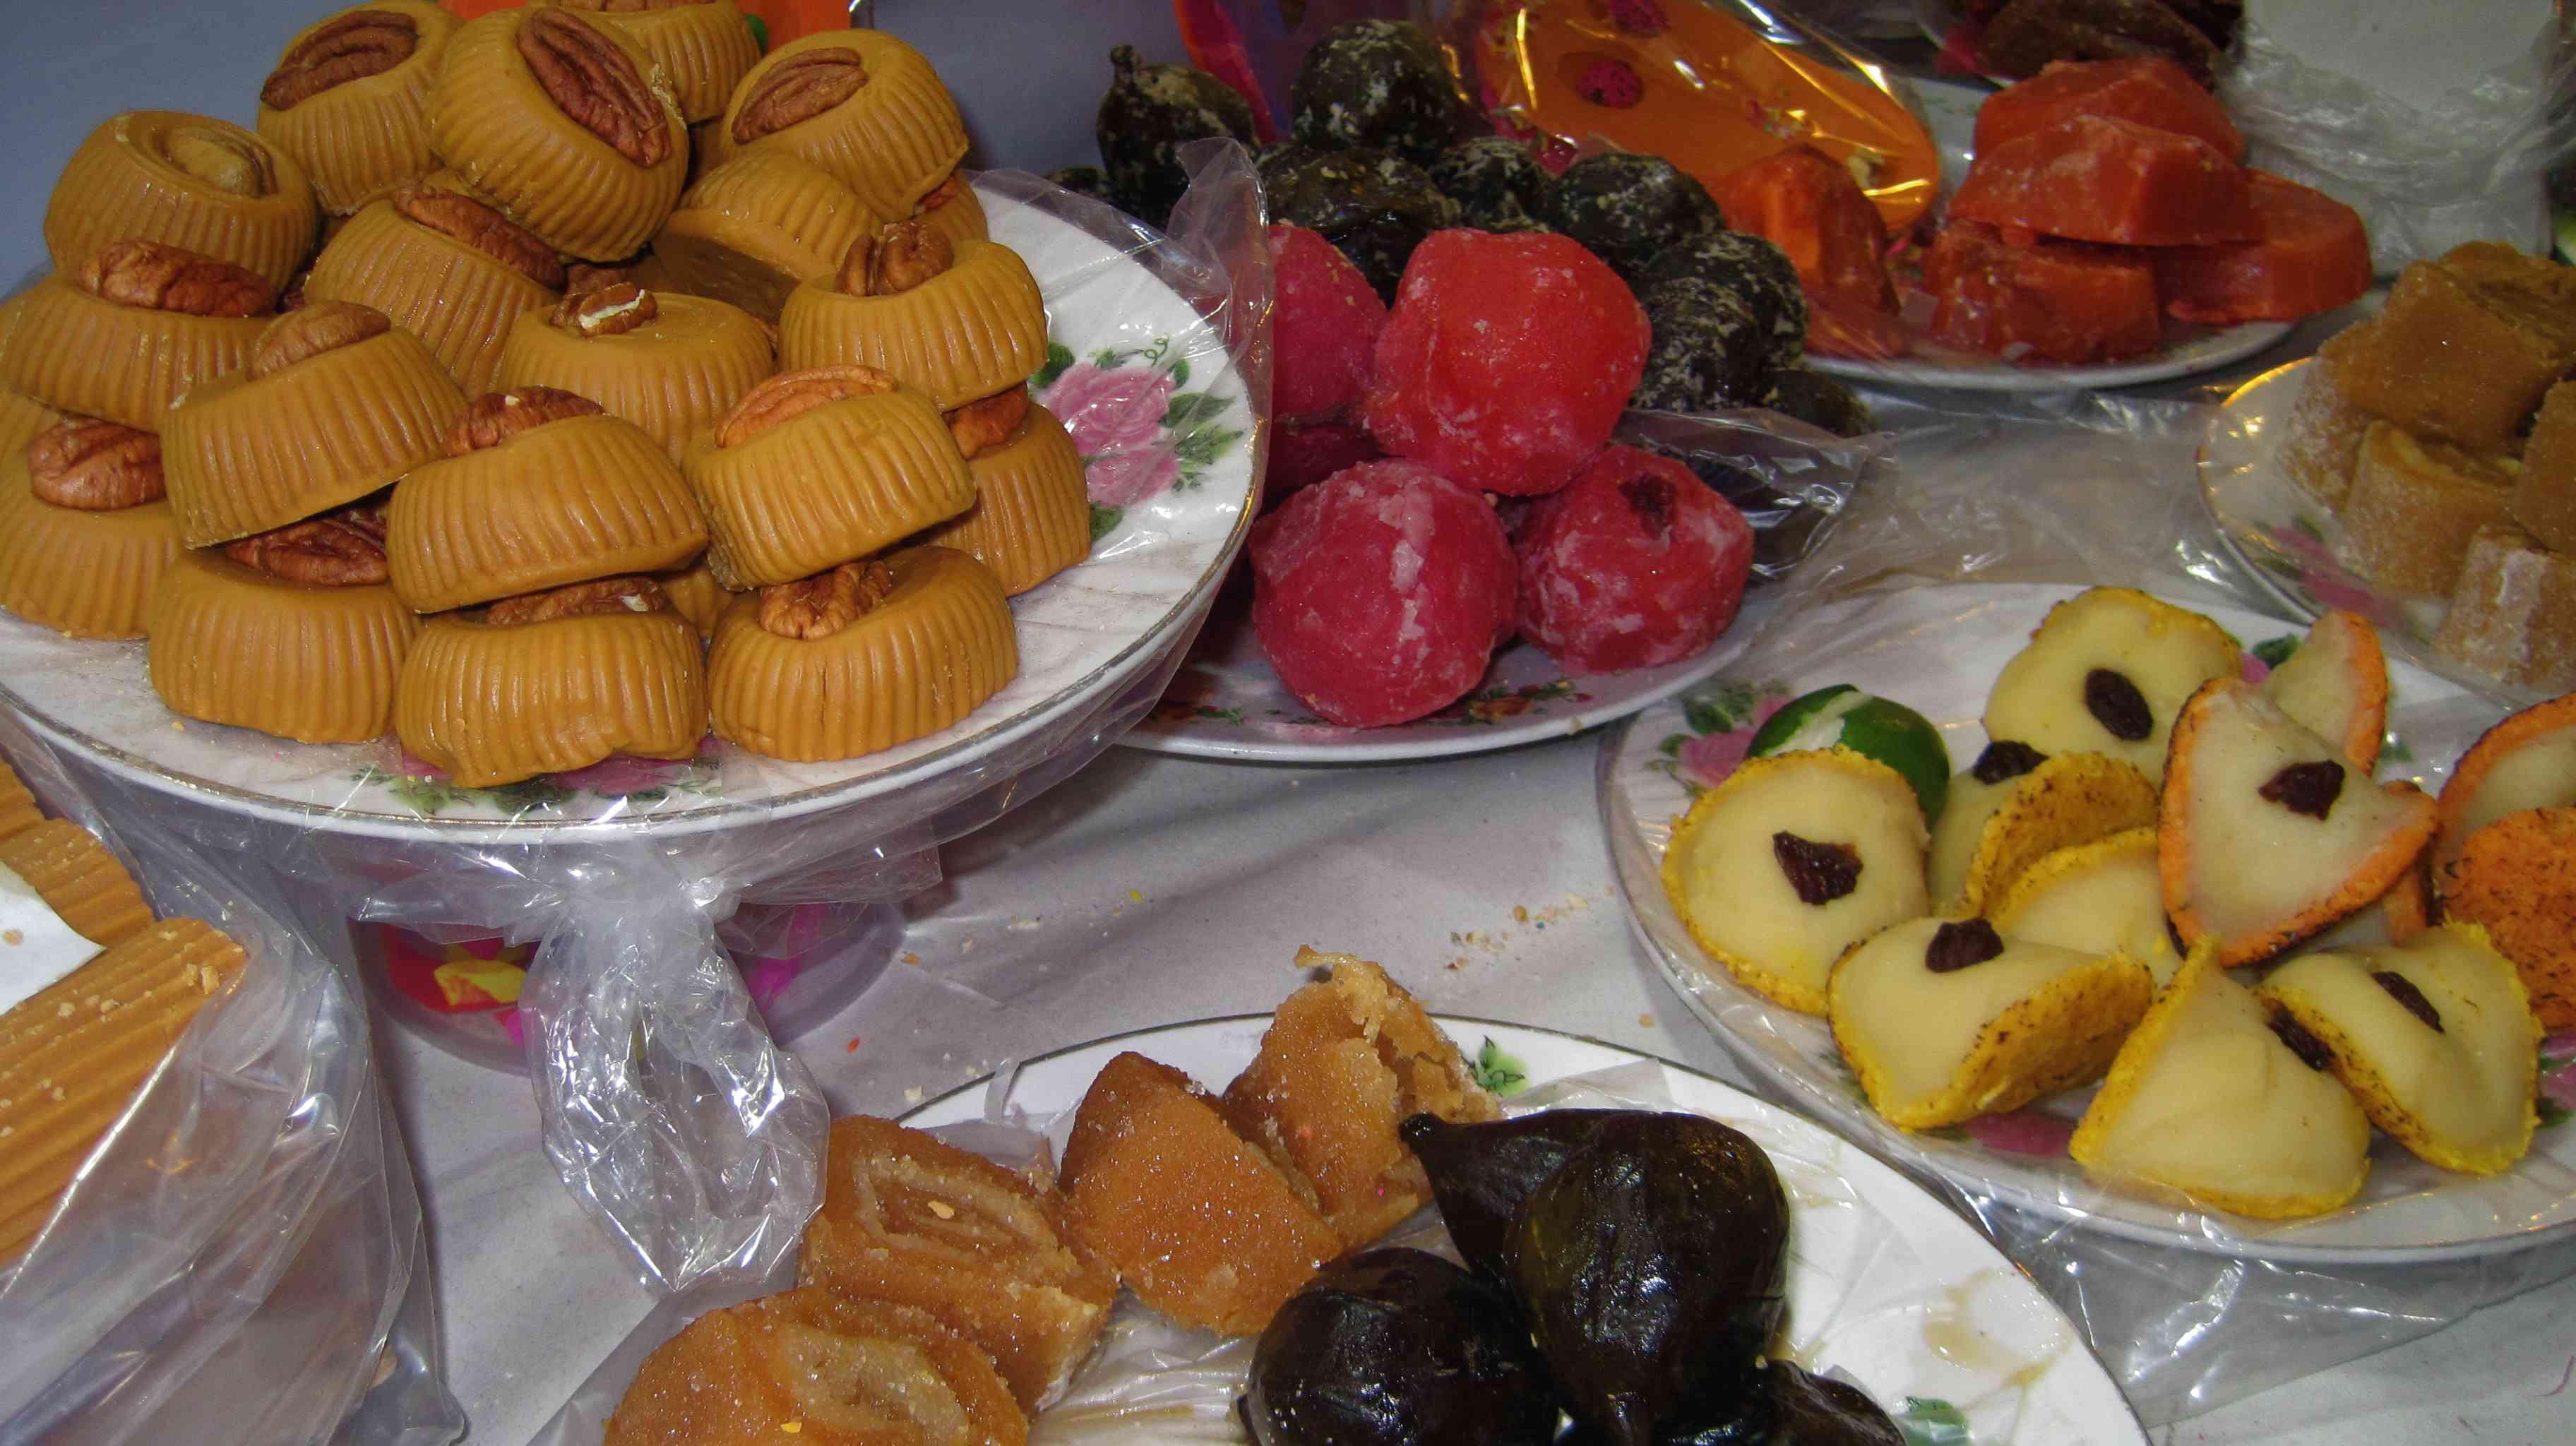 Dulces de Leche y de Frutas / Milk and Fruit Candies